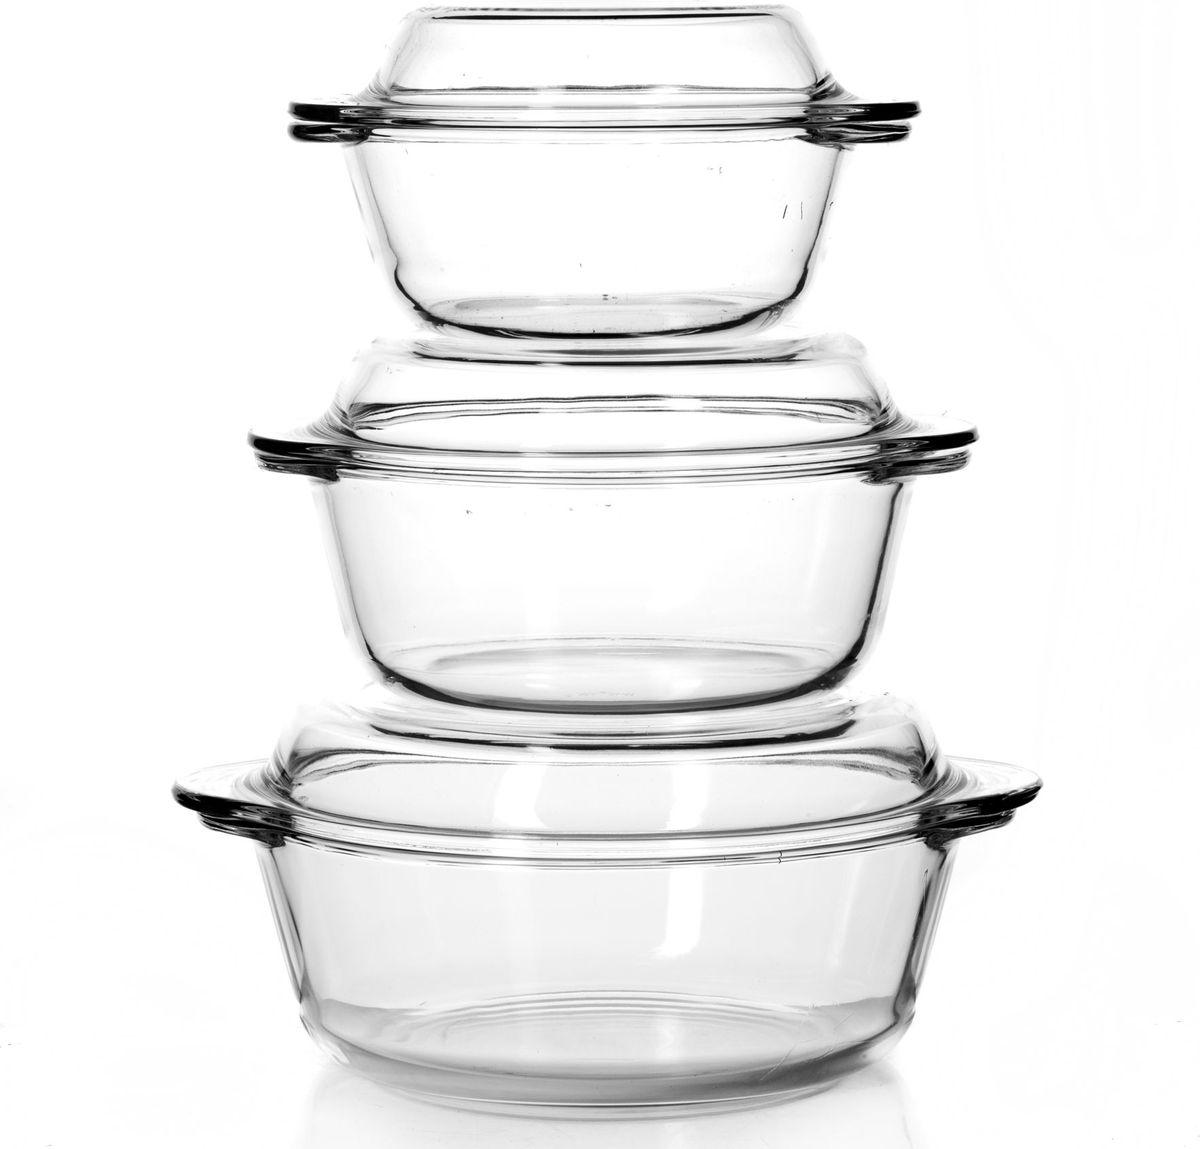 Набор посуды для СВЧ Pasabahce, 6 предметов. 159021AS25BQ0/6146Набор посуды для СВЧ Pasabahce выполнен из жаропрочного стекла и состоит из трех кастрюль с крышками разного размера. Изделия прекрасно подойдут длявыпекания десертов - кексов, пирогов, тортов.Стекло - самый безопасный для здоровья материал. Посуда из стекла не вступает в реакцию с готовящейся пищей,а потому не выделяет никаких вредных веществ, не подвергается воздействию кислот и солей. Из-за невысокойтеплопроводности пища в ней гораздо медленнее остывает. Стеклянная посуда очень удобна для приготовления и подачи самых разнообразных блюд: супов, вторых блюд,десертов. Благодаря прозрачности стекла, за едой можно наблюдать при ее готовке, еду можно видеть приподаче, хранении. Используя такую посуду, вы можете как приготовить пищу, так и изящно подать ее к столу, неменяя посуды. Благодаря гладкой идеально ровной поверхности посуда легко моется. Можно использовать в духовках, микроволновых печах и морозильных камерах (выдерживает температуру от - 30°C до 300°C). Можно мыть в посудомоечной машине.